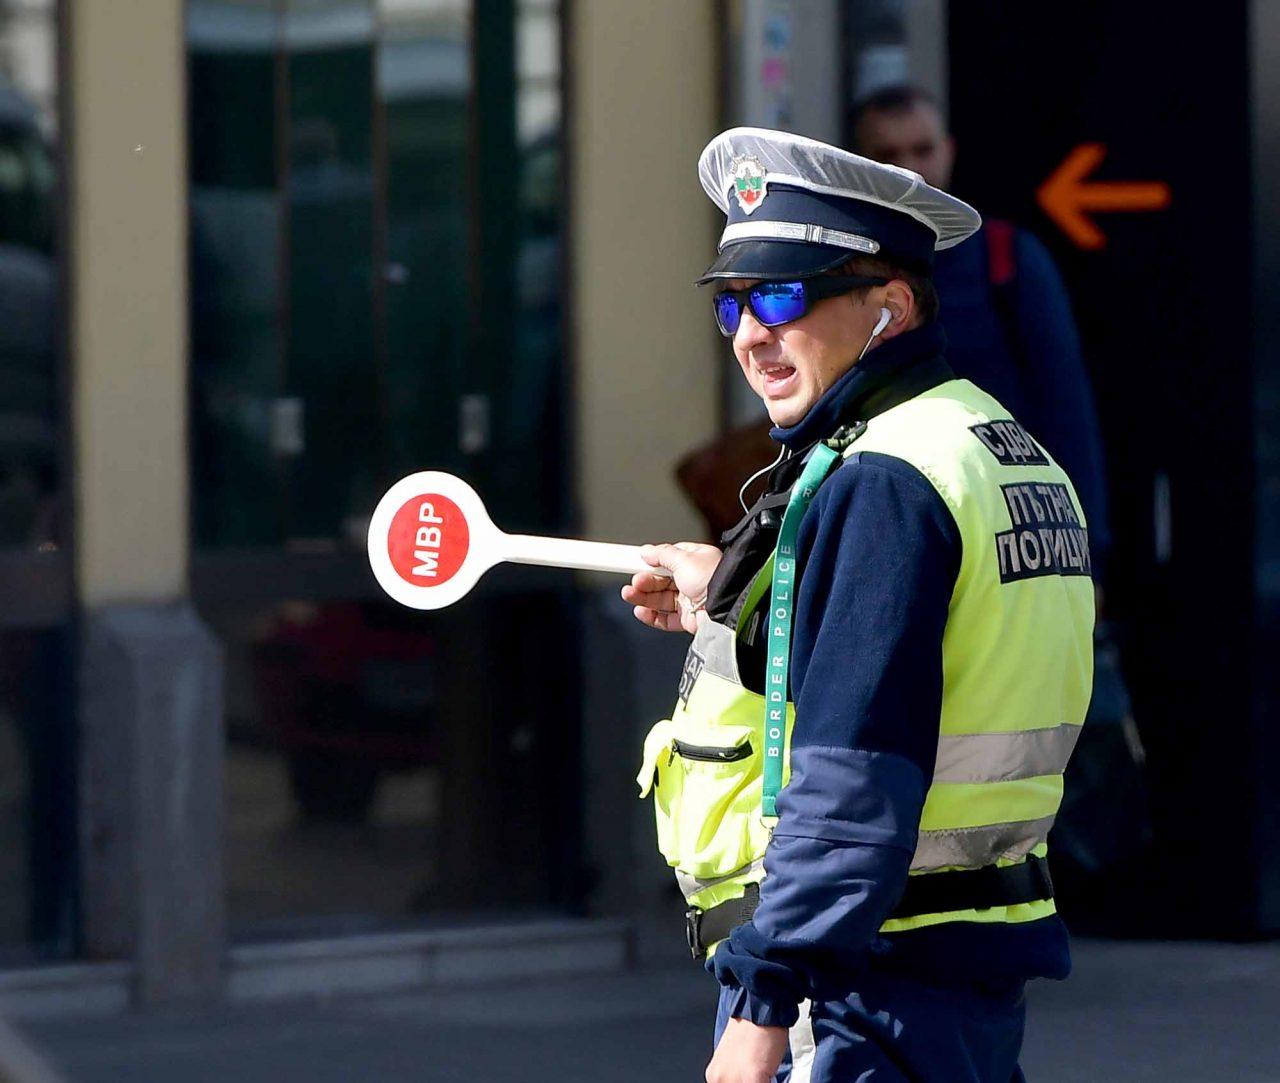 -Полиция-Пилицай-Регулировчик-2-1280x1083.jpg